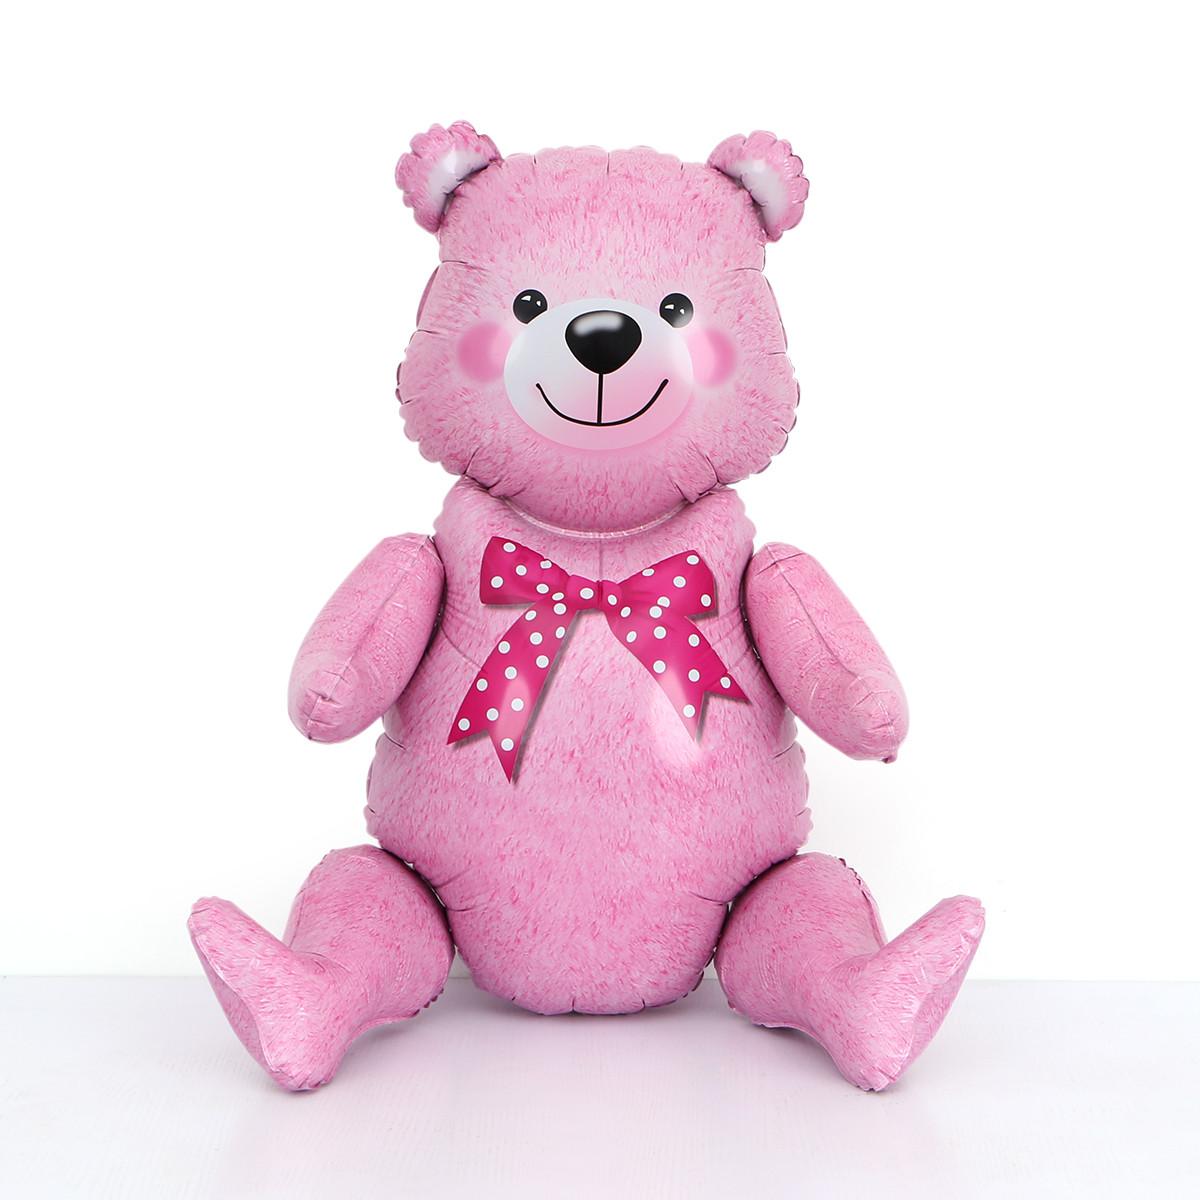 """Шар-ходячка """"Медвежонок розовый""""   Размер:44см*81.5см."""